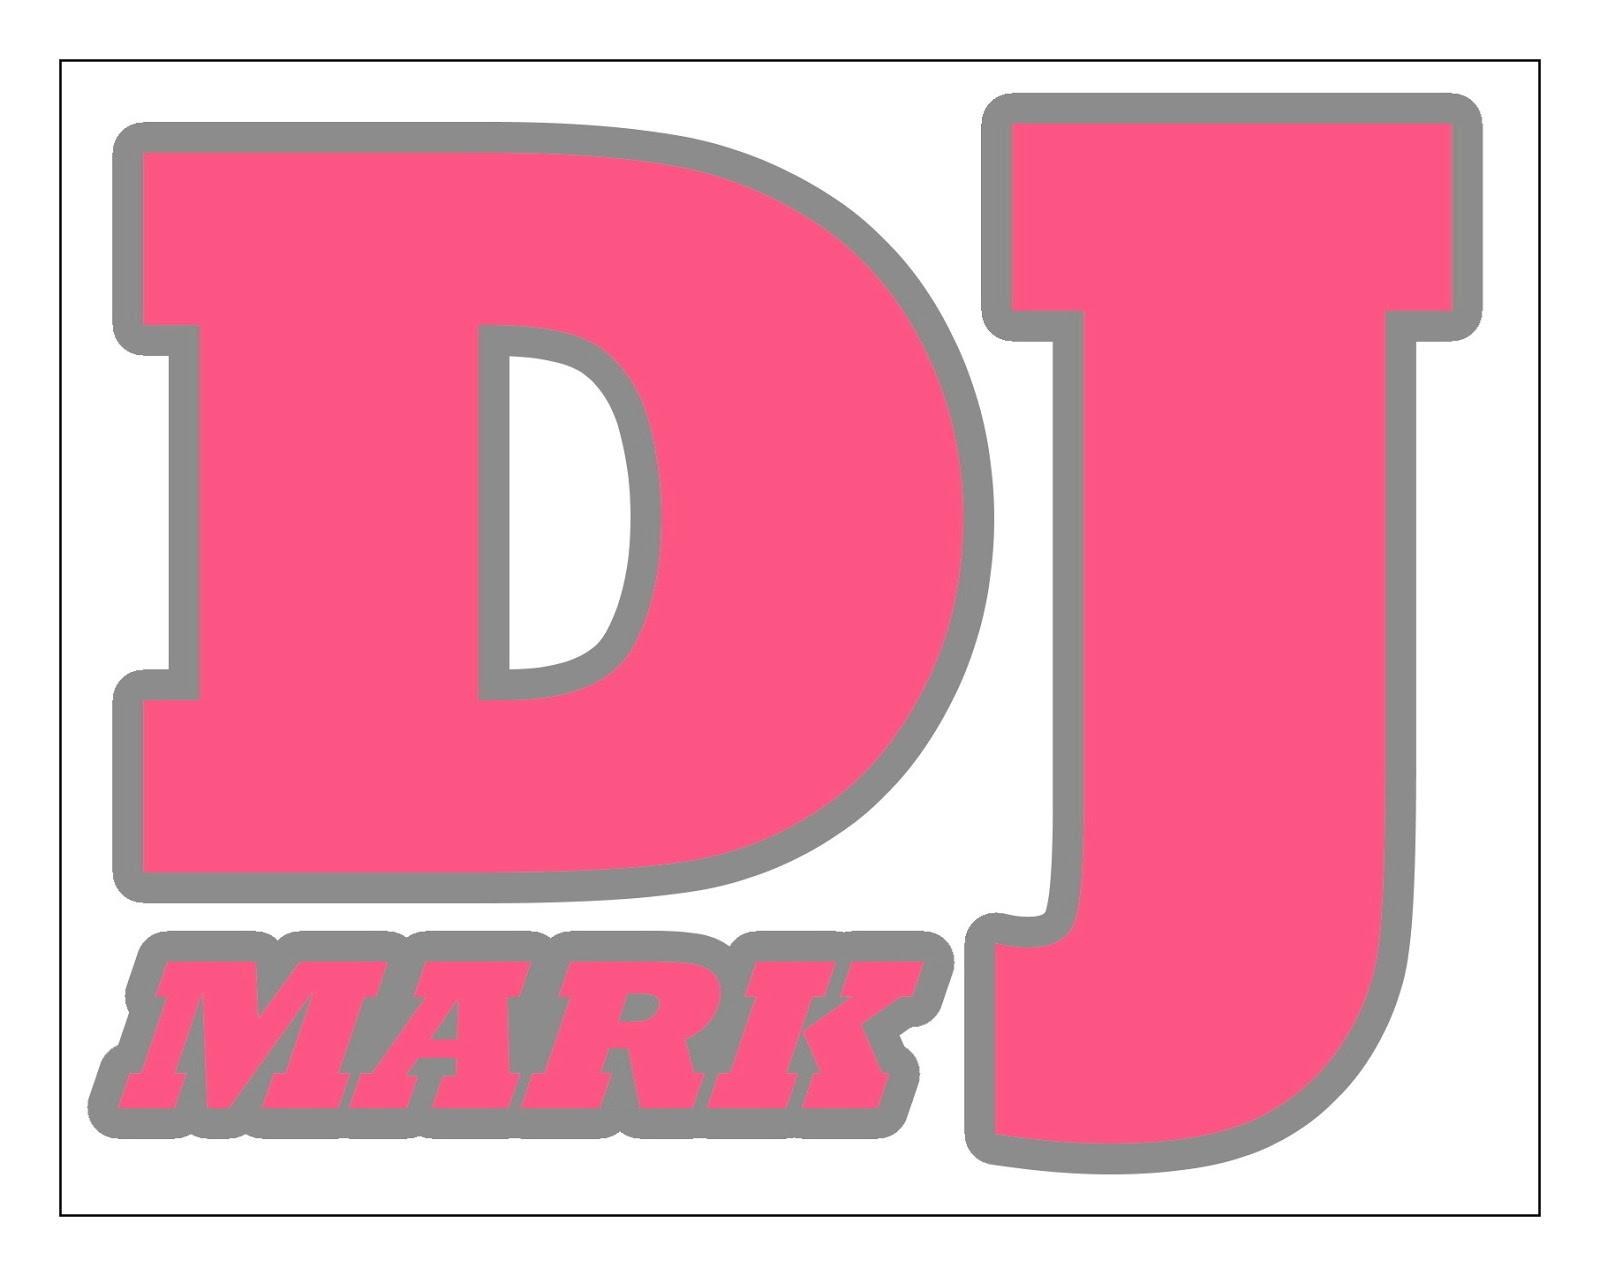 cdeddfcb2 Teším sa na spoločnú zábavu aj v roku 2018 dj MARK